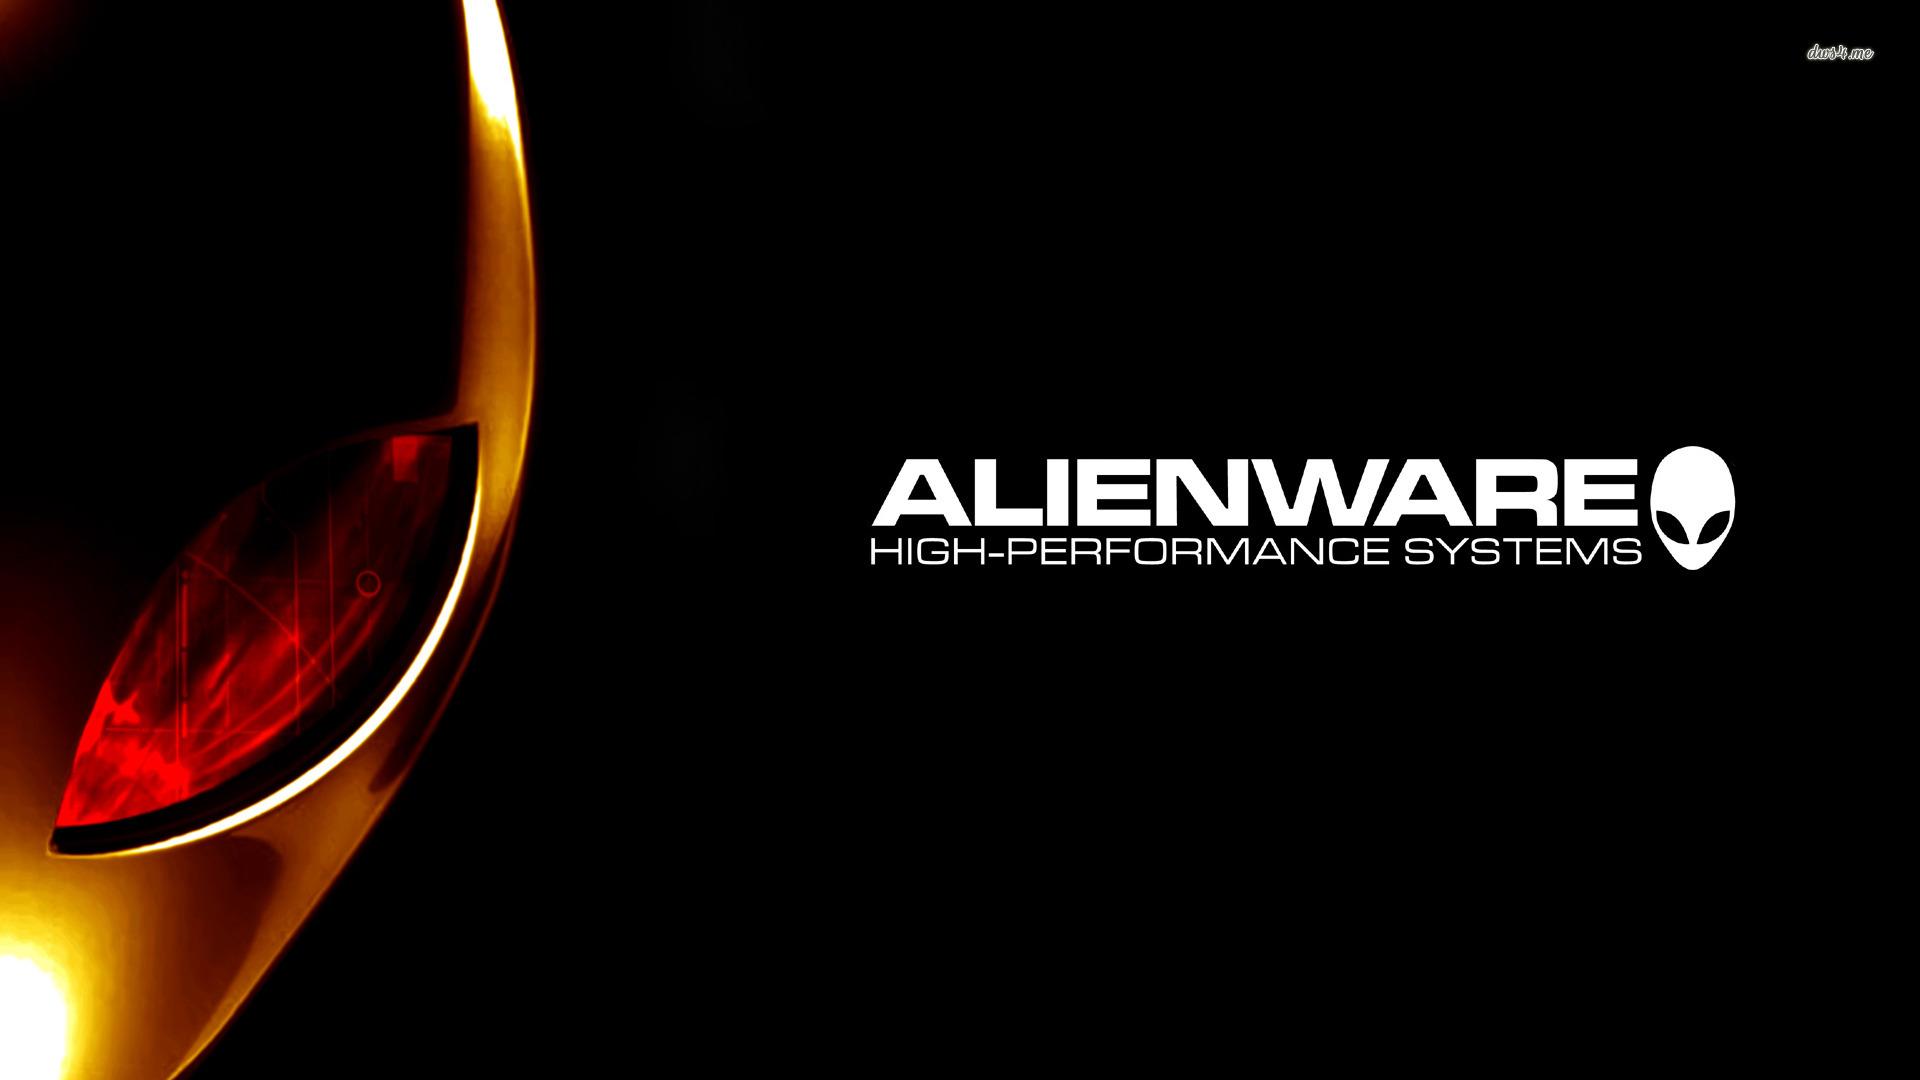 20434-alienware-1920x1080-computer-wallpaper.jpg